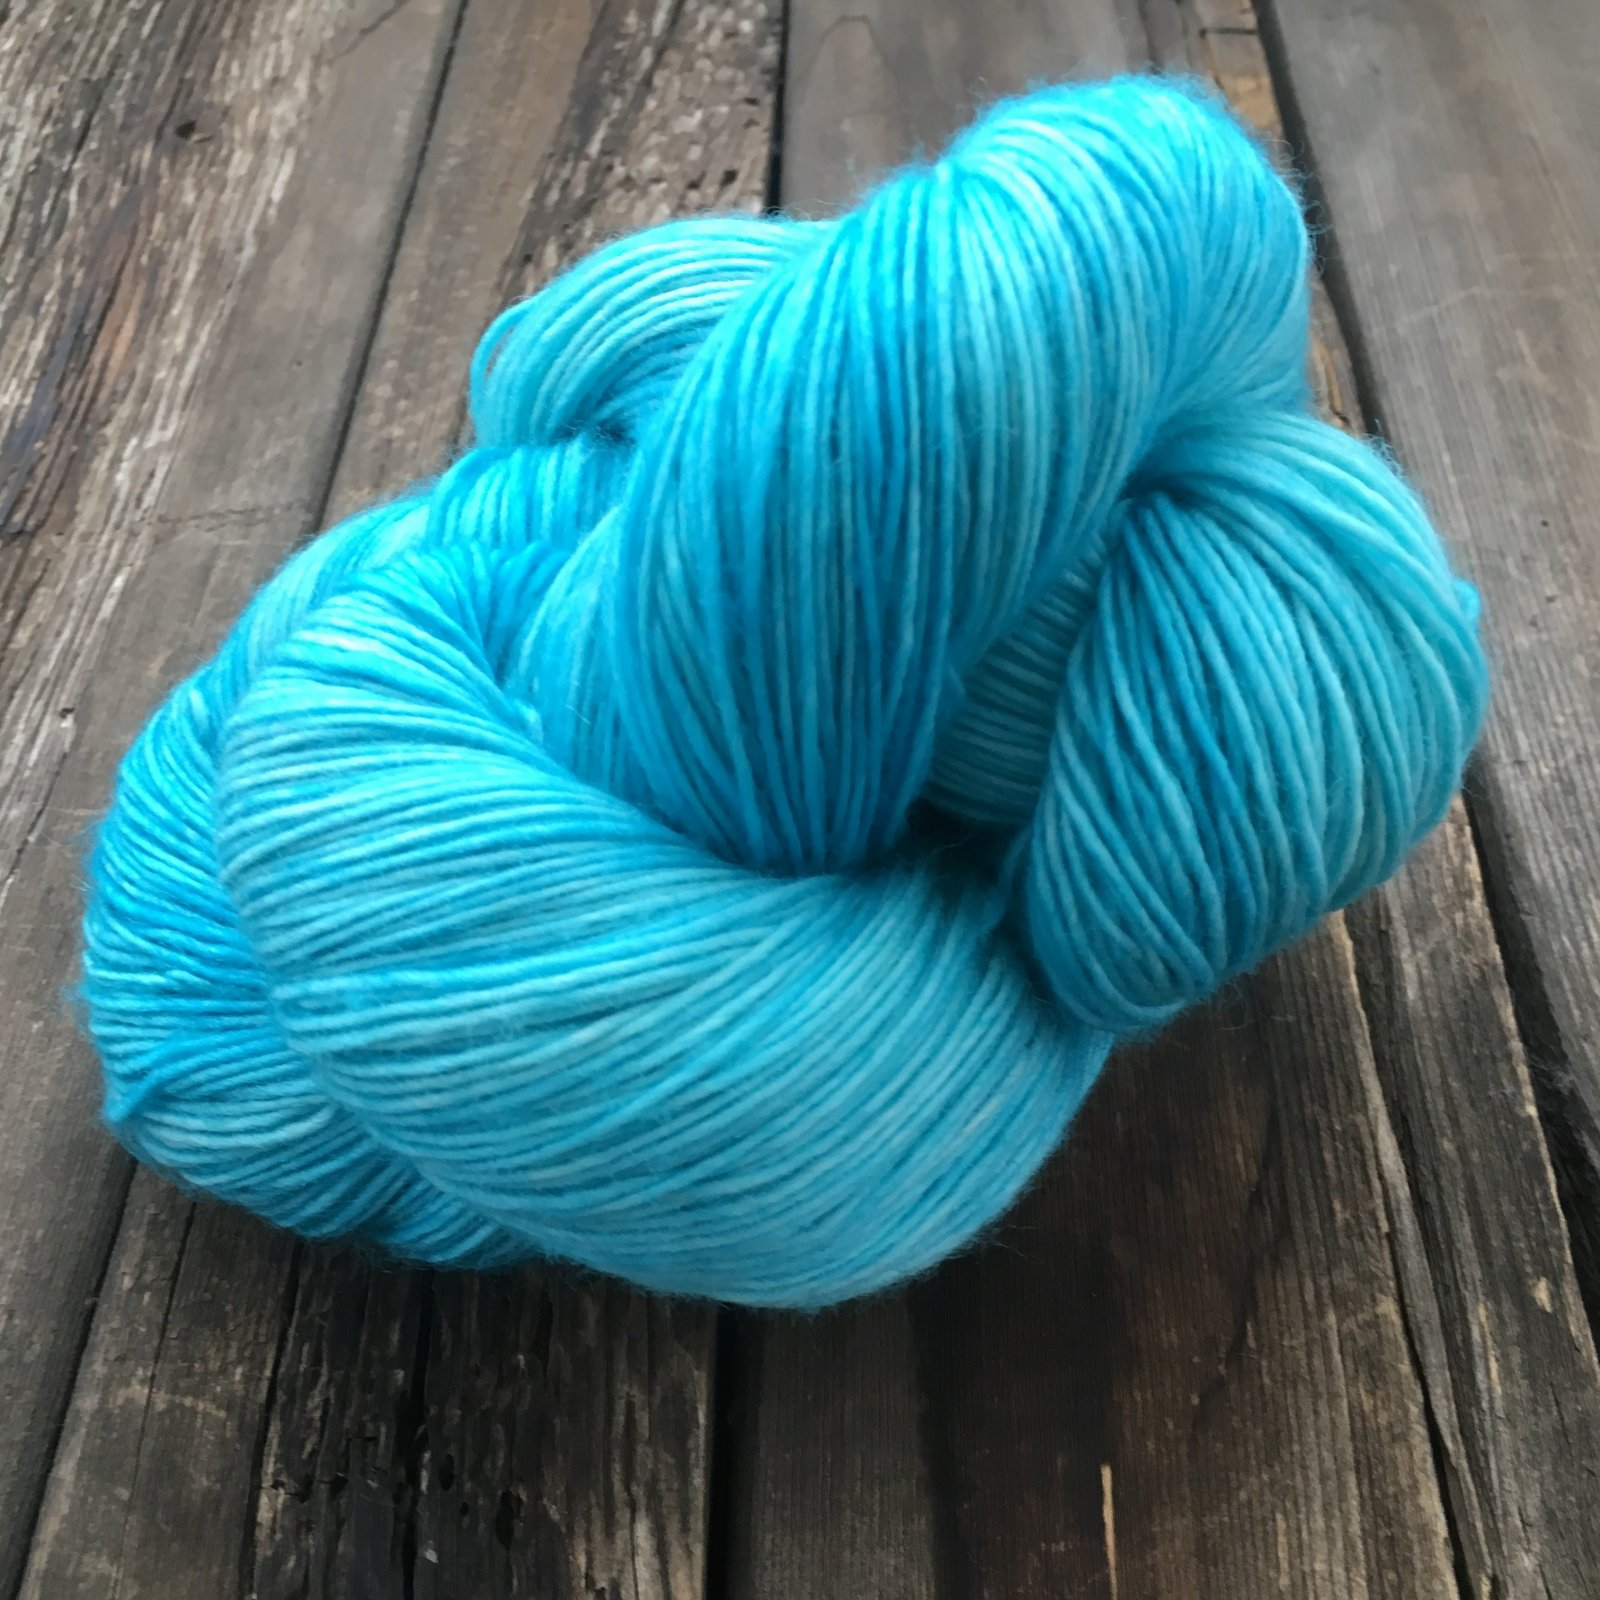 Smooshy Cashmere - Dream in Color